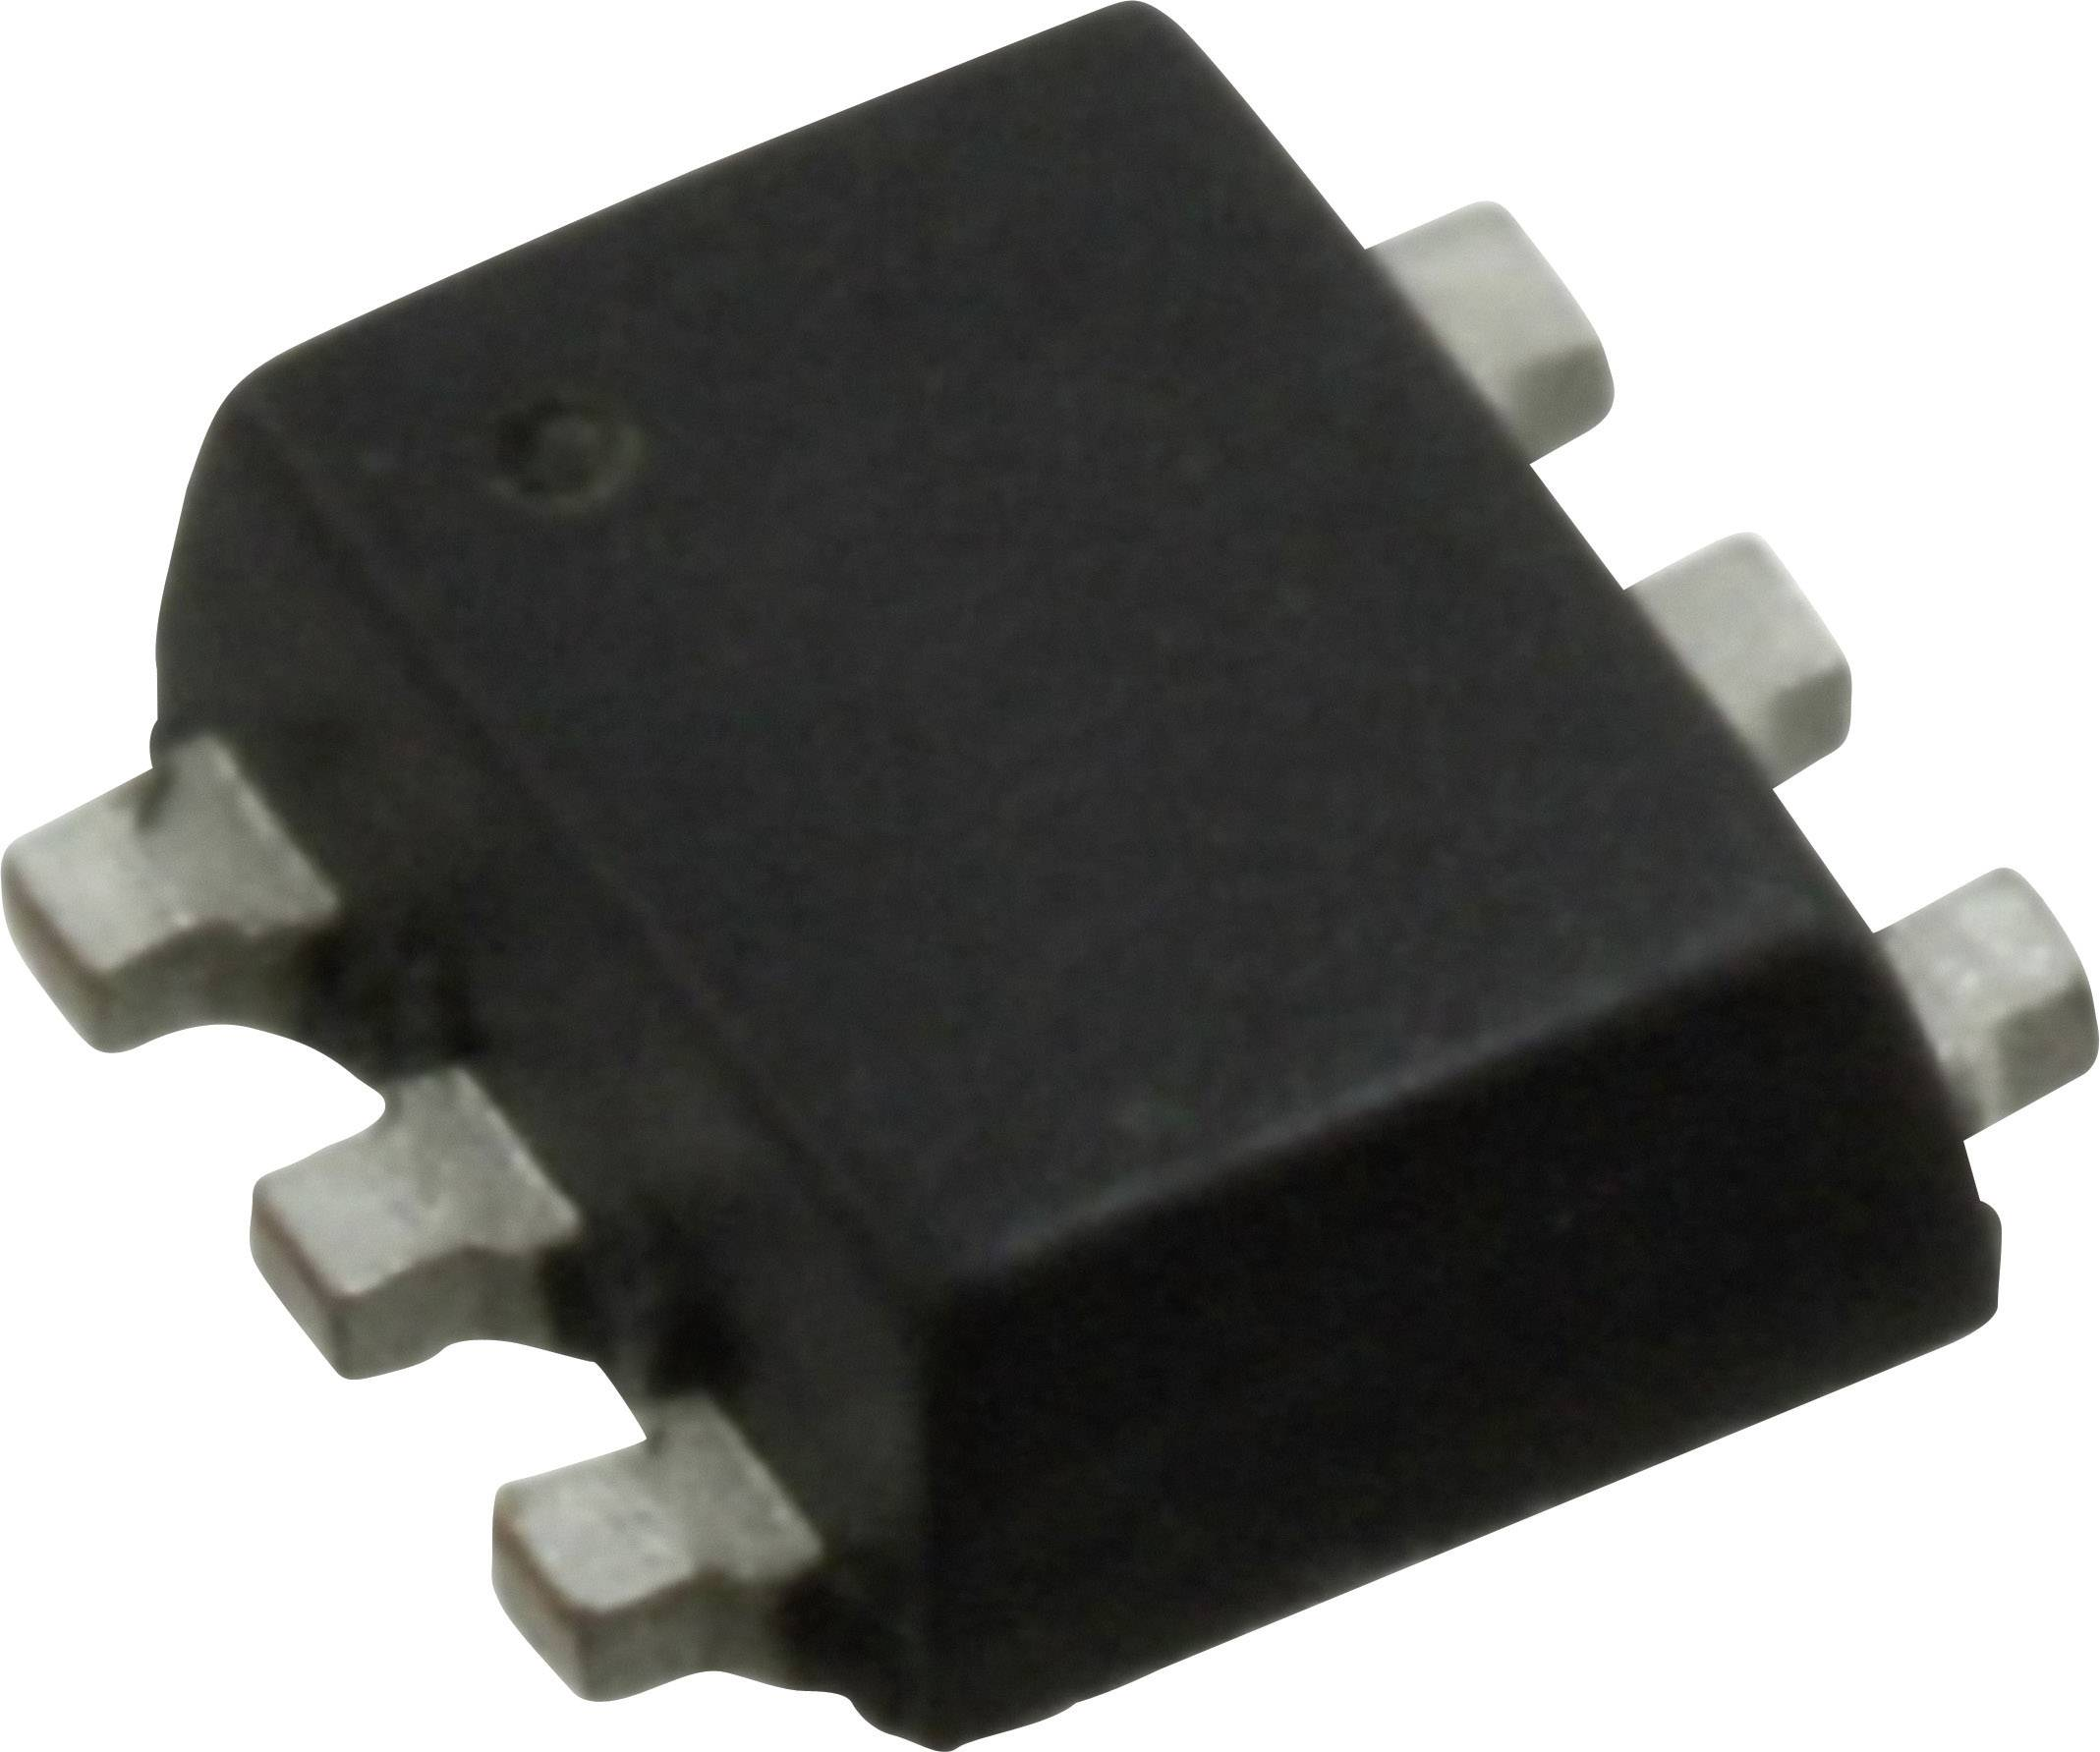 Tranzistor MOSFET Nexperia NX1029X,115, SOT-666, Kanálov 1, 60 V, 50 V, 500 mW